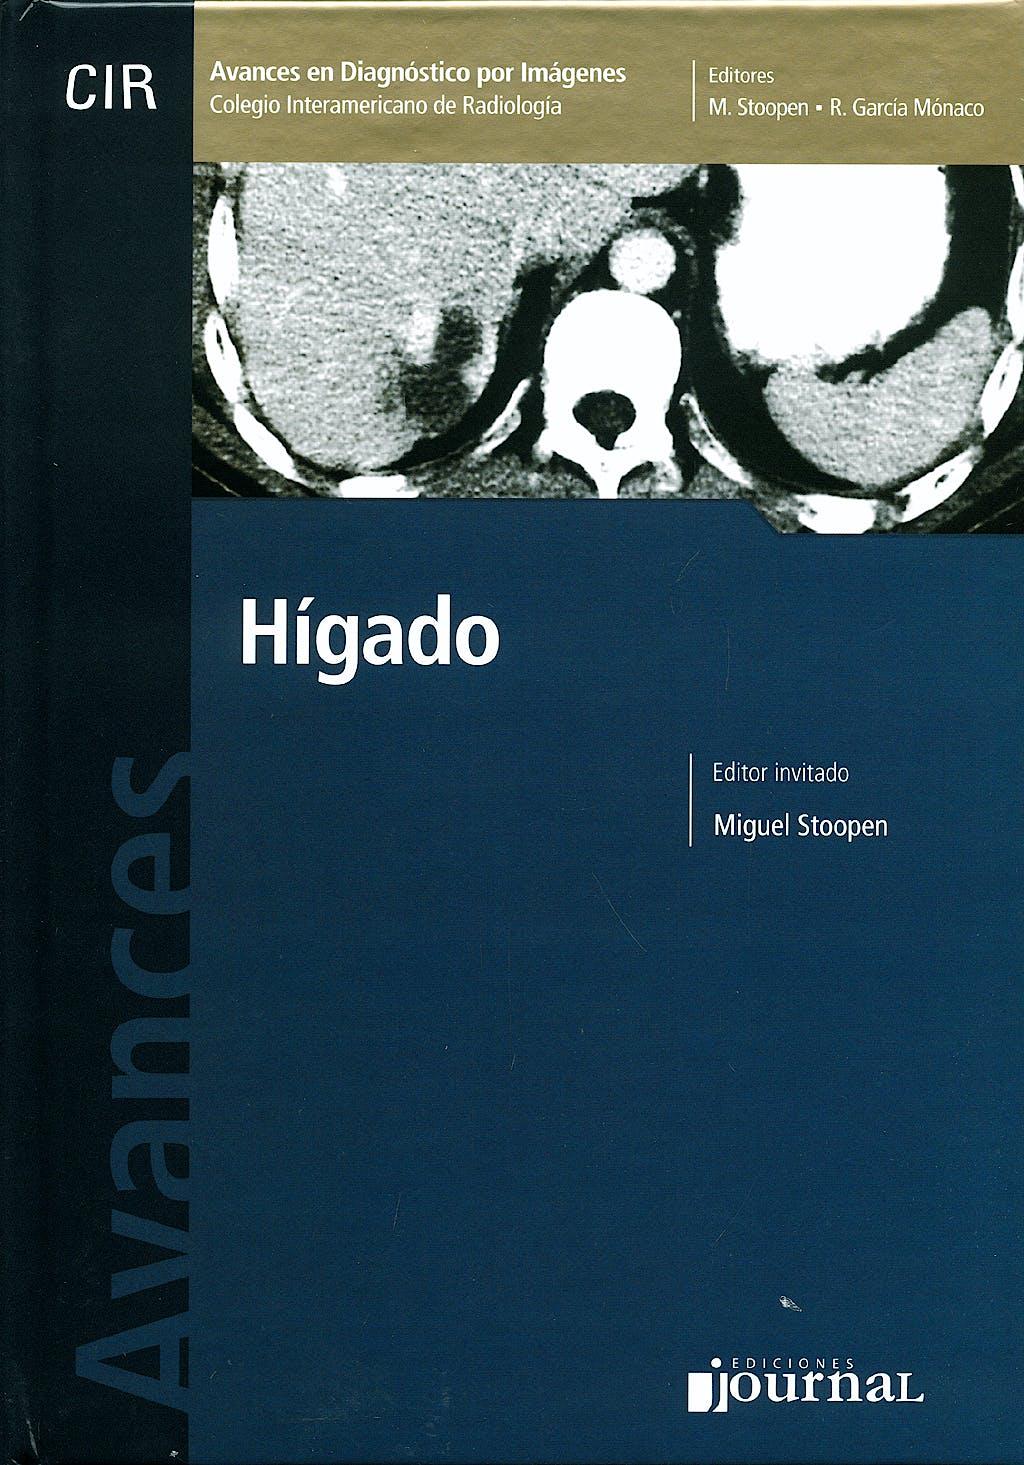 Portada del libro 9789871259212 Avances en Diagnóstico por Imágenes 1: Hígado (CIR, Colegio Interamericano de Radiología)